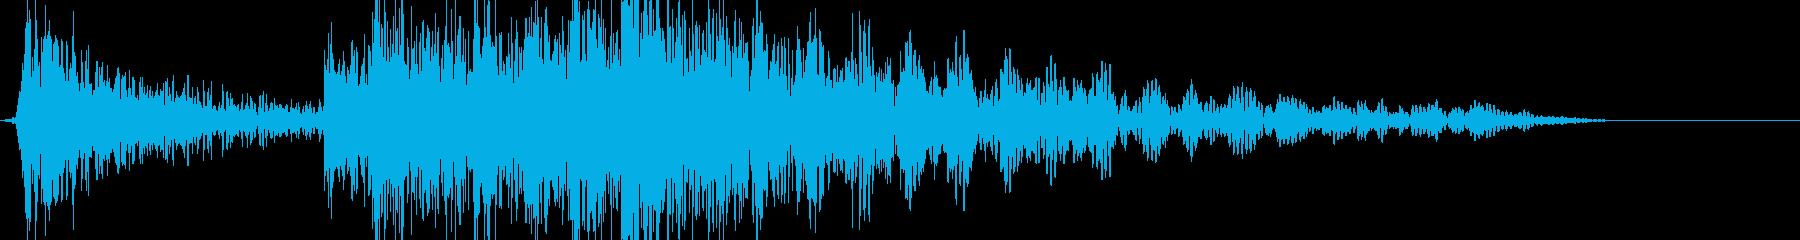 ドンドンくる低音の数の再生済みの波形